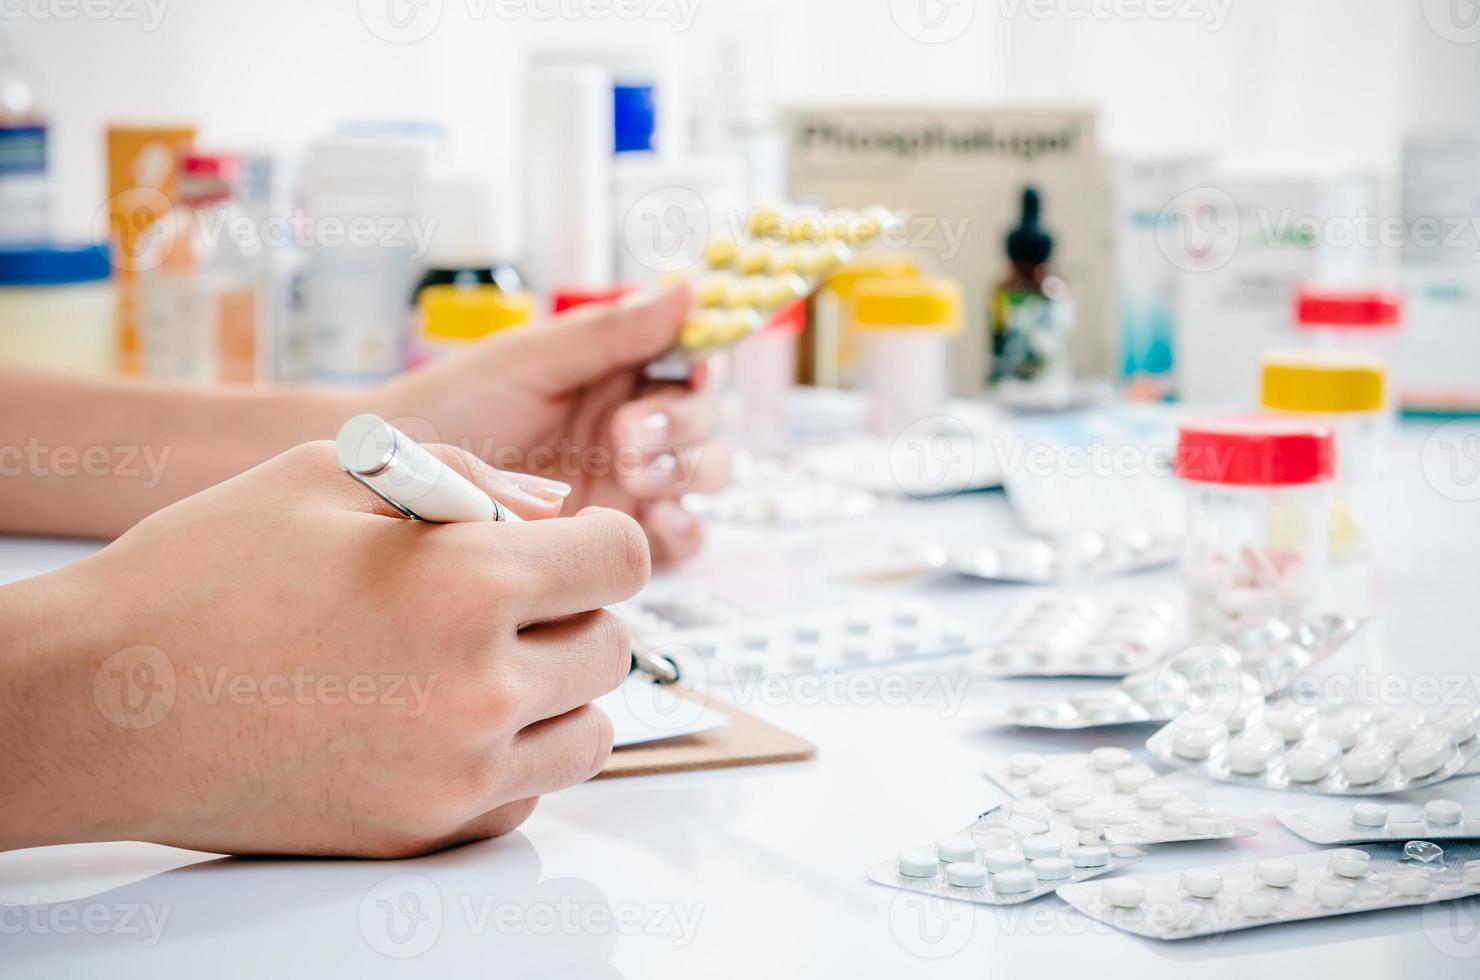 heaps of medicine photo